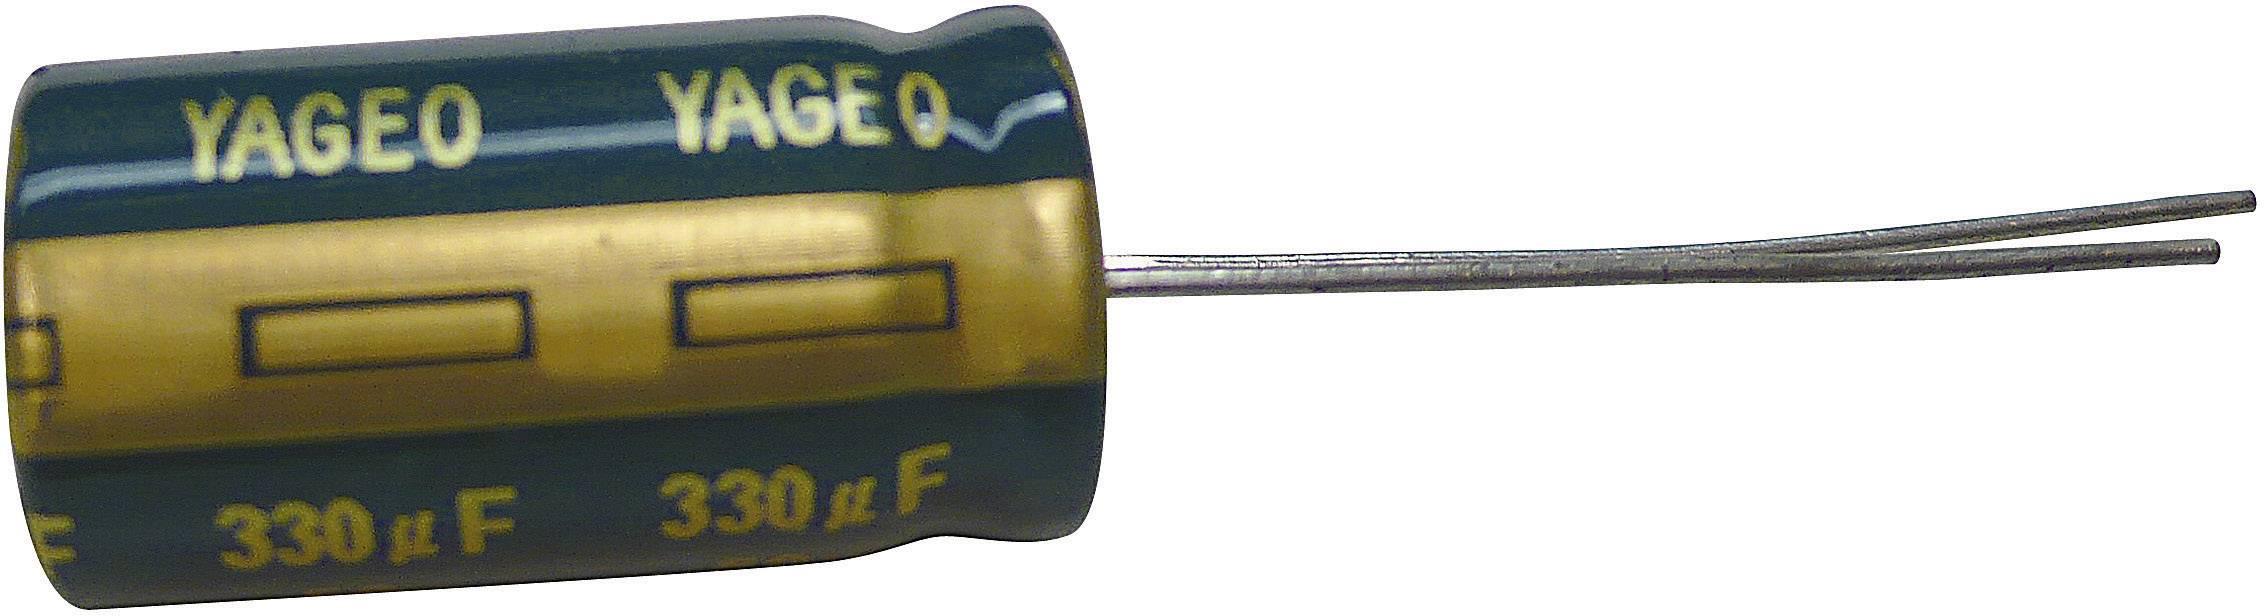 Kondenzátor elektrolytický Yageo SC016M0330B5F-1012, 330 µF, 16 V, 20 %, 12 x 10 mm